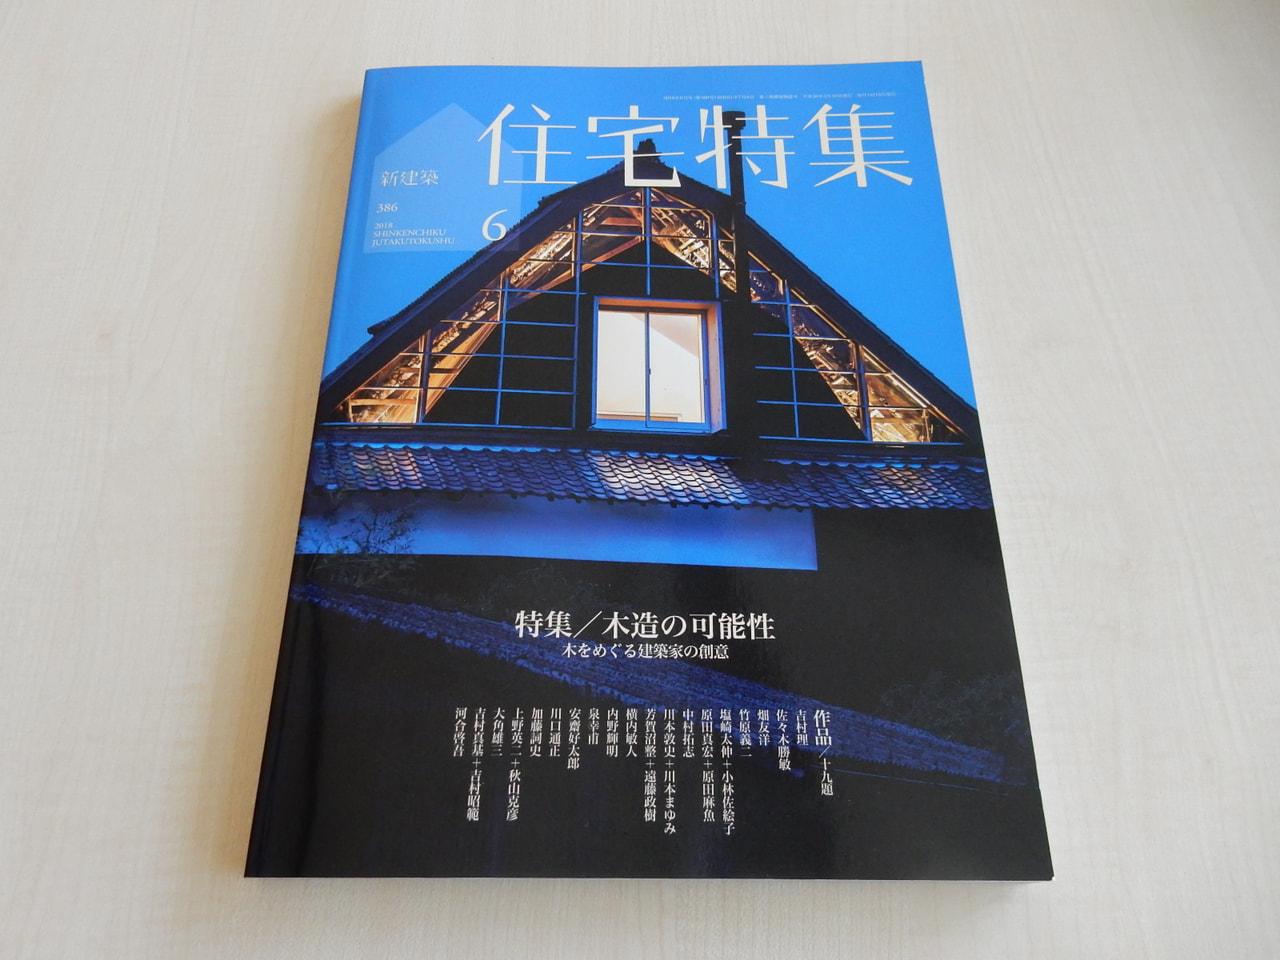 竹原先生が設計された「西大寺の家」が「住宅特集 6月号」に掲載されました